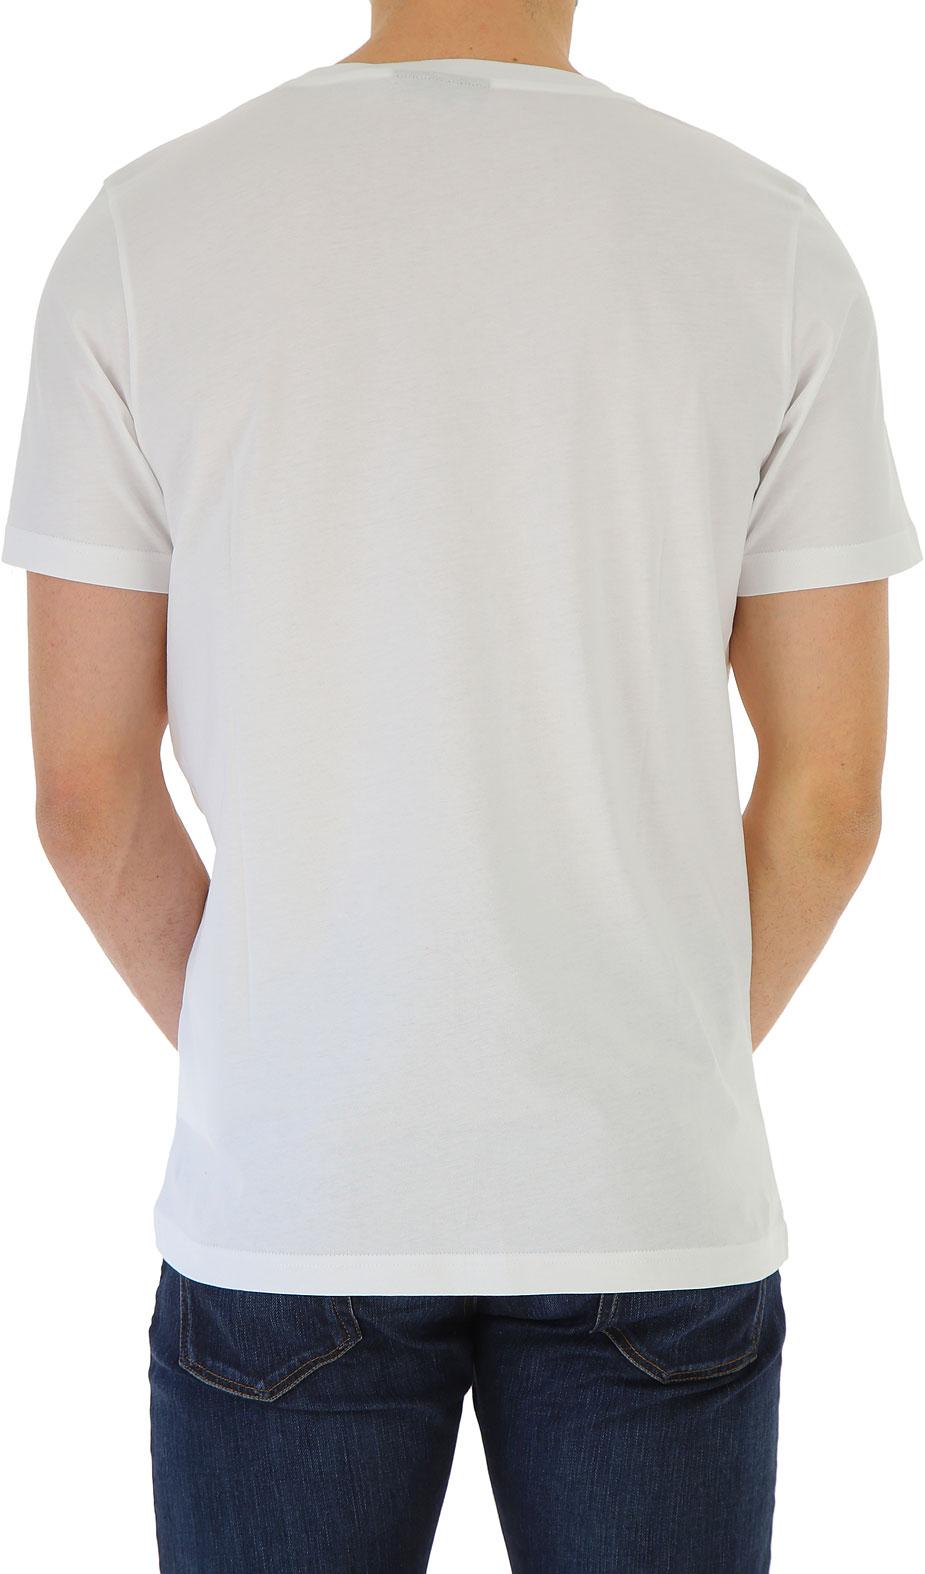 Abbigliamento Uomo Karl Lagerfeld, Codice Articolo: 706001-681901-990